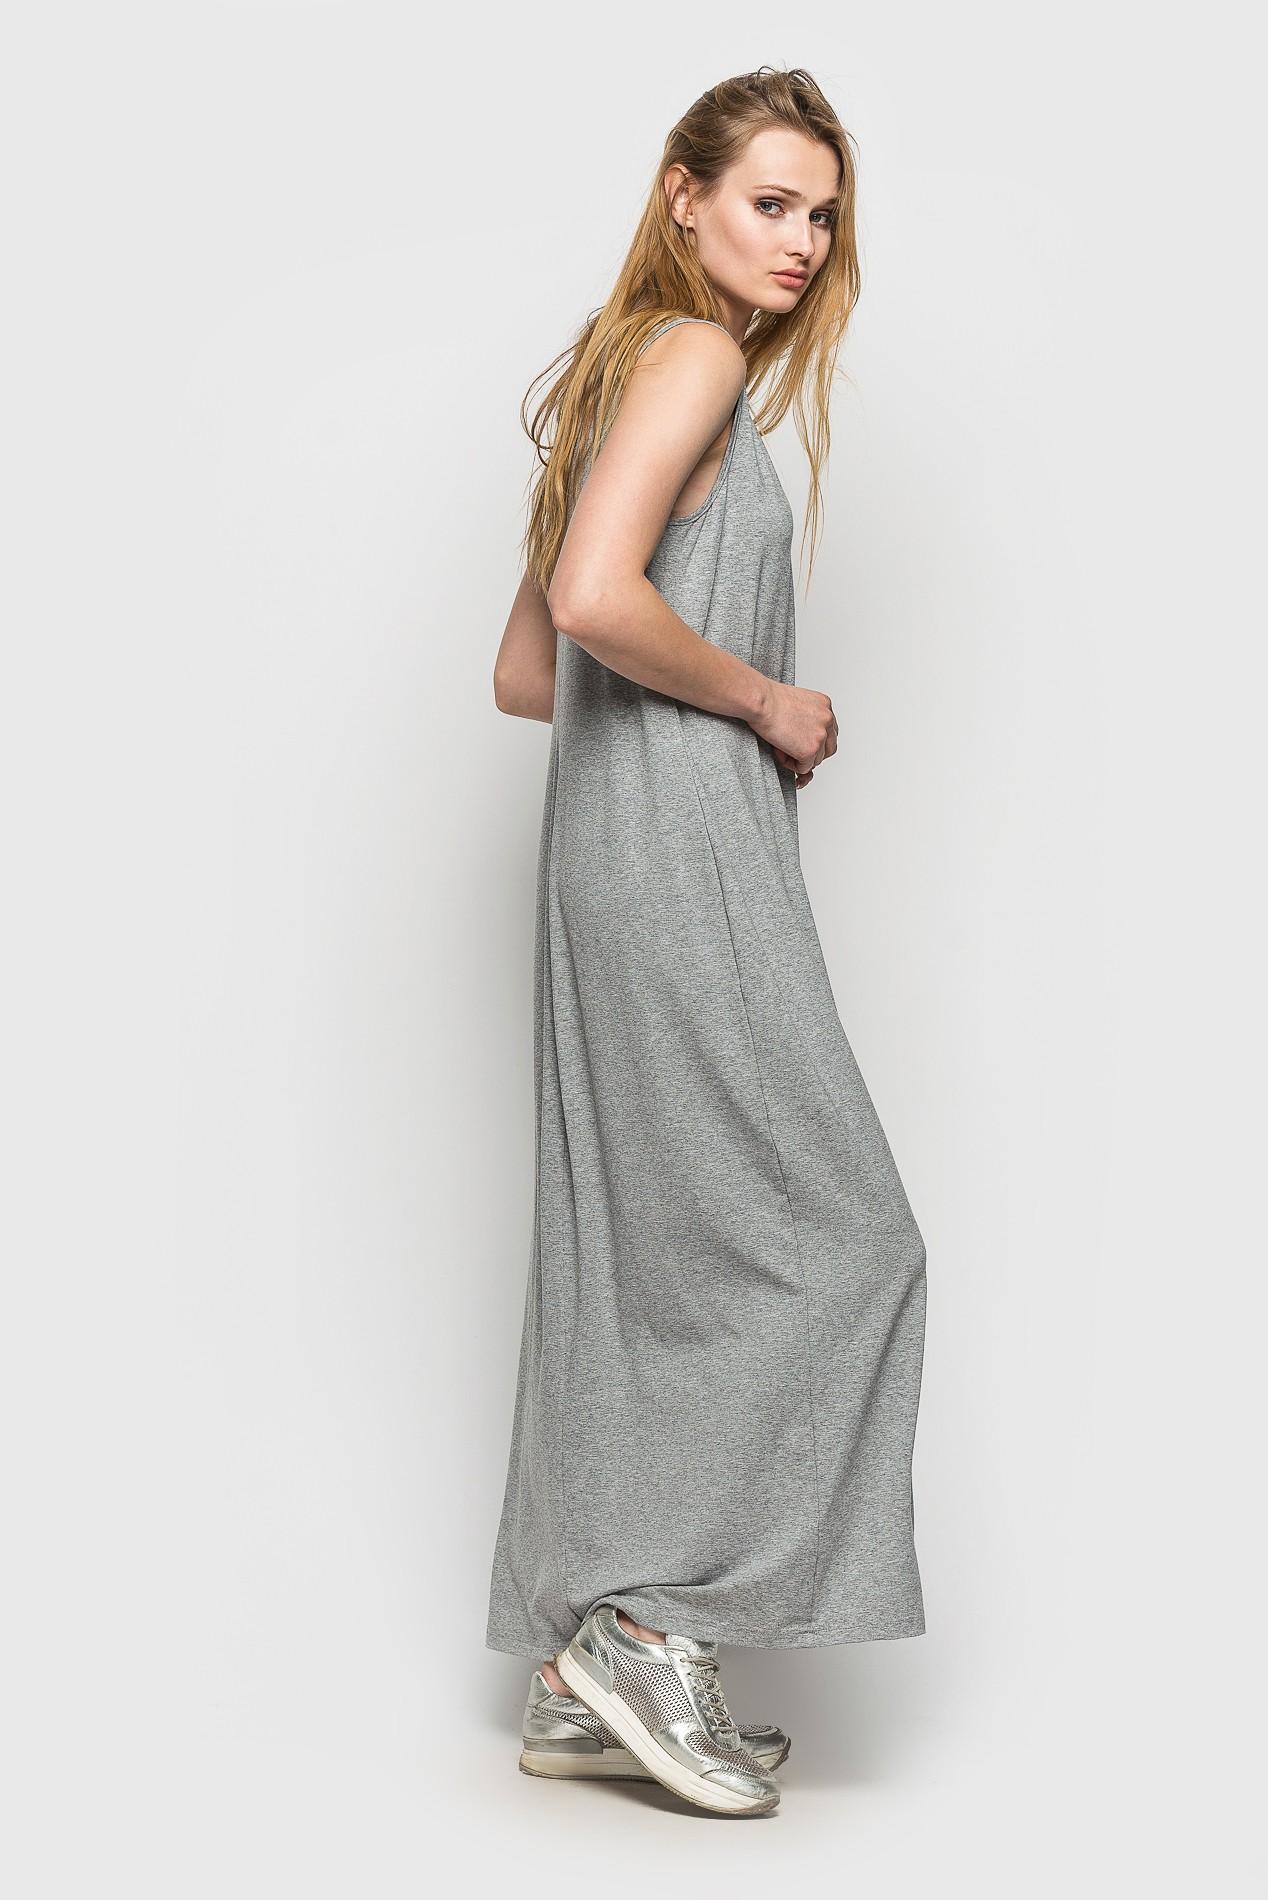 модные цвета лето 2018: платье серое в пол